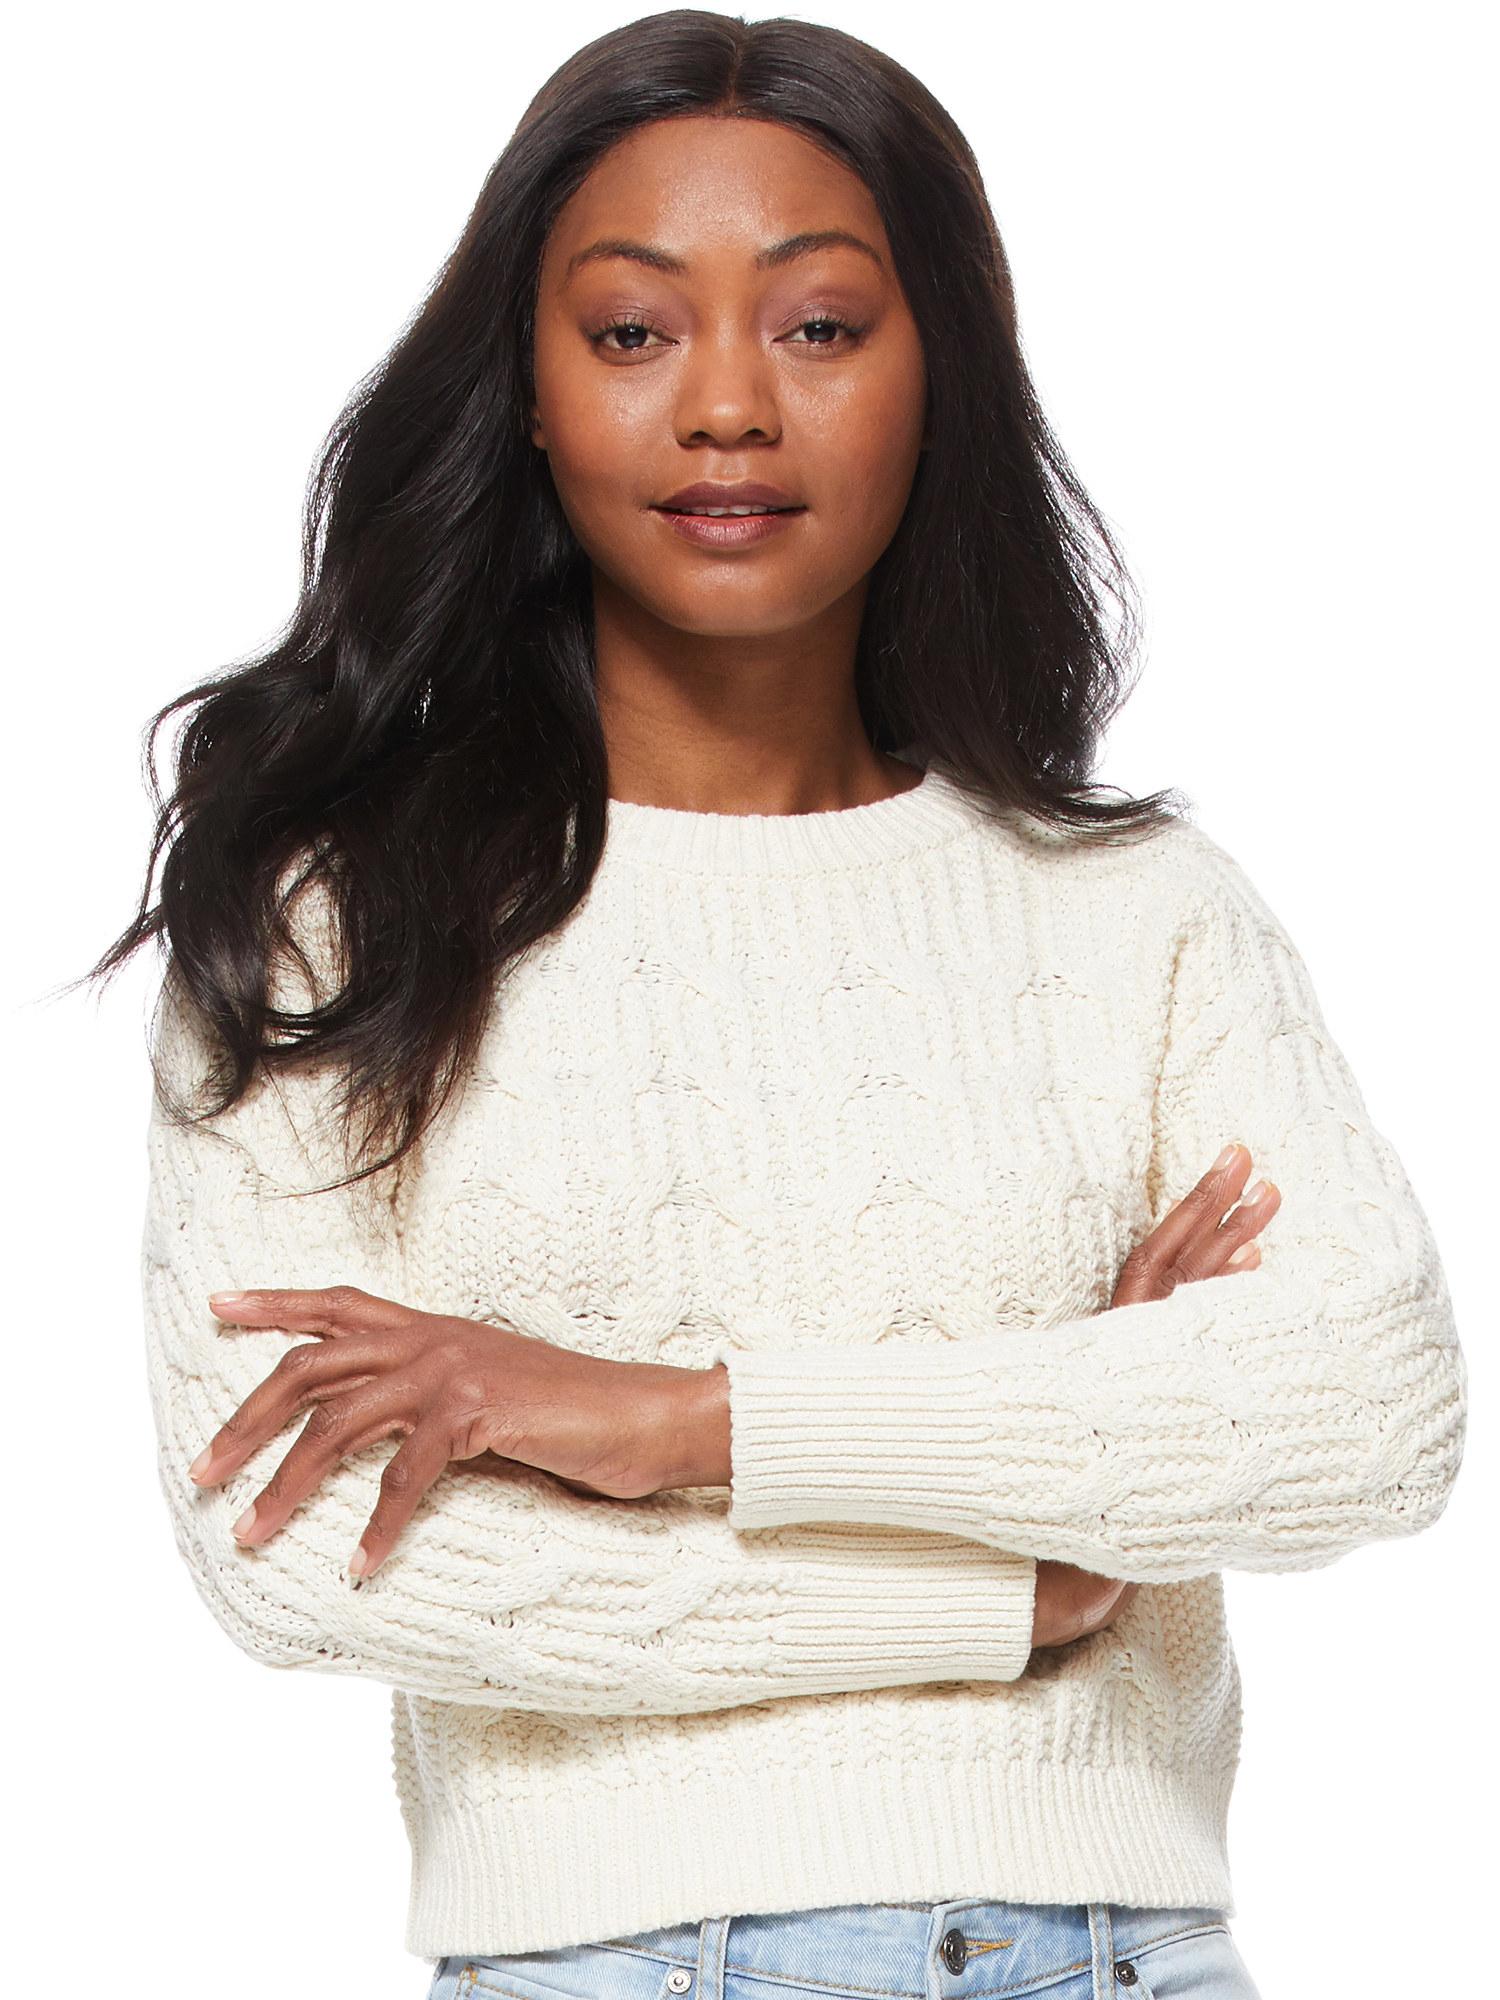 Model wears sweater in ivory